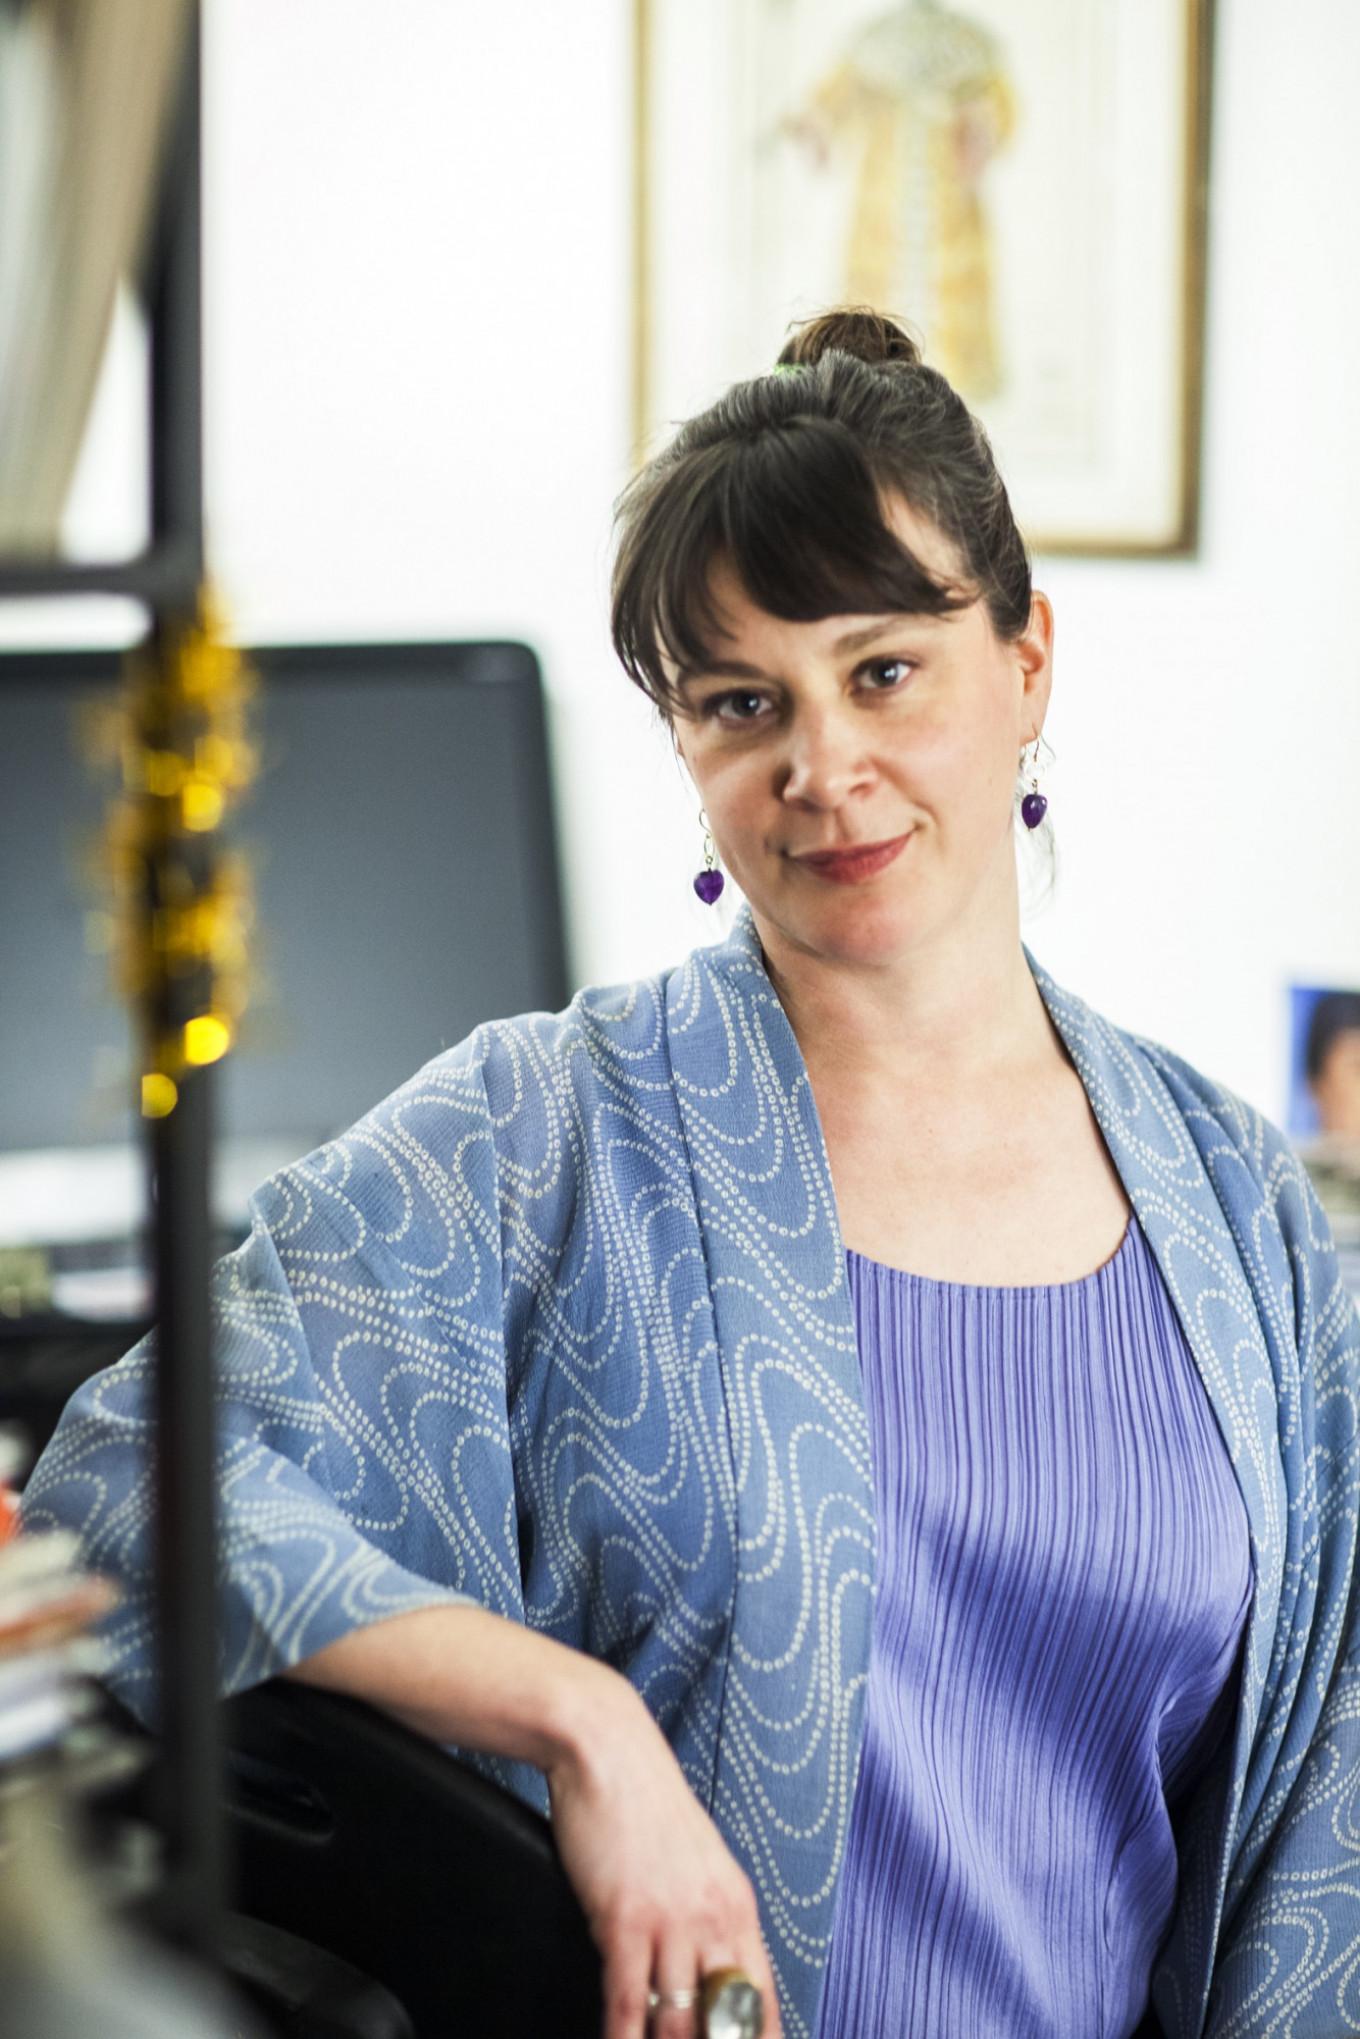 Author Clem Cecil Elzbieta Piekacz